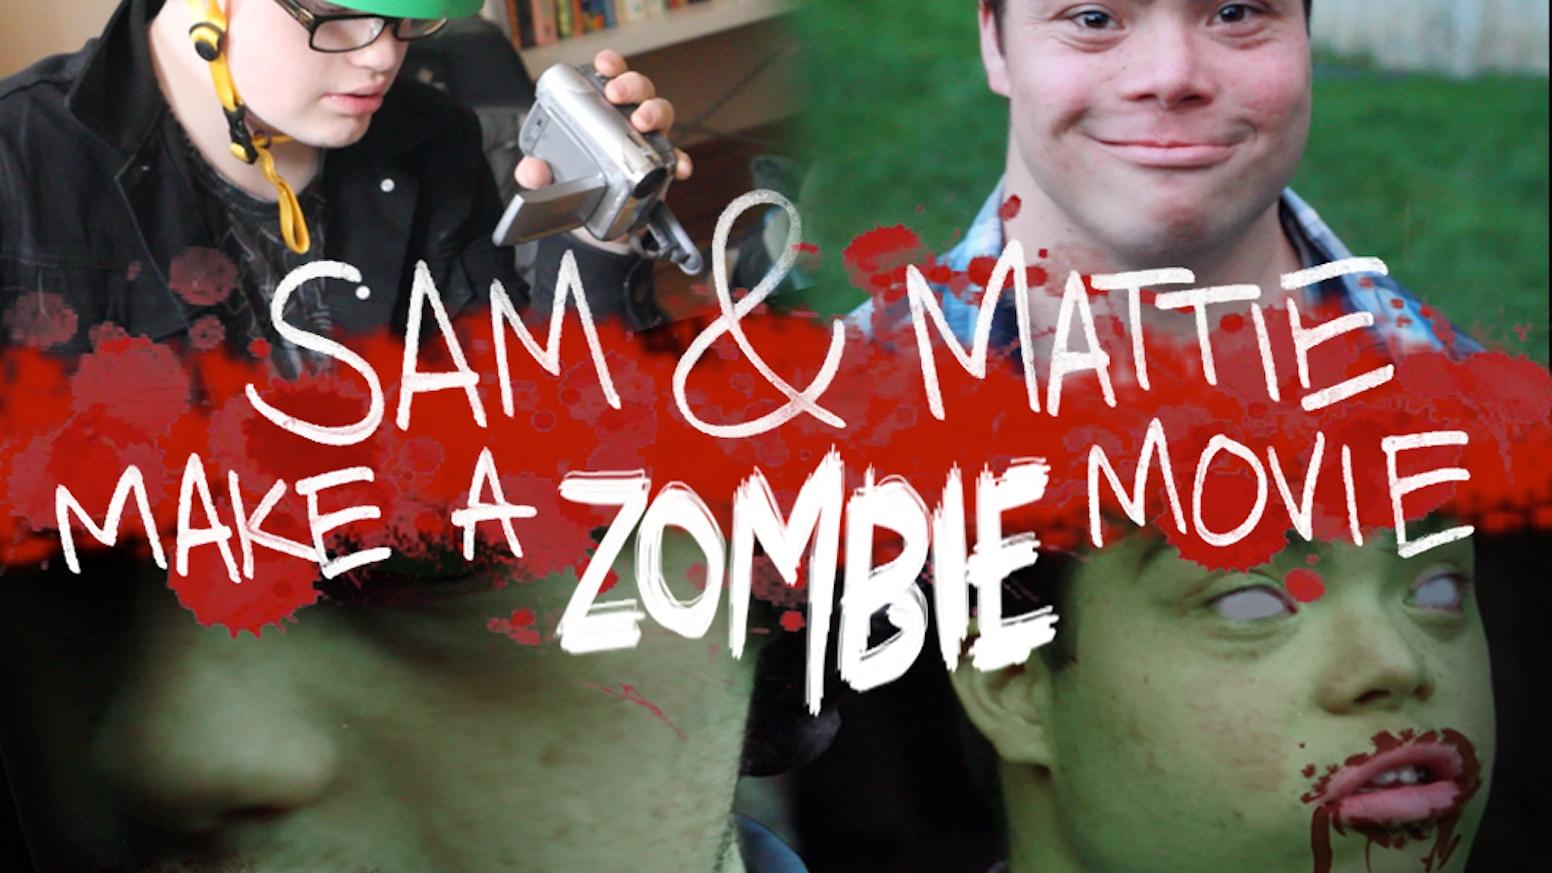 Sam & Mattie's Teen Zombie Movie + Making-Of Documentary ...